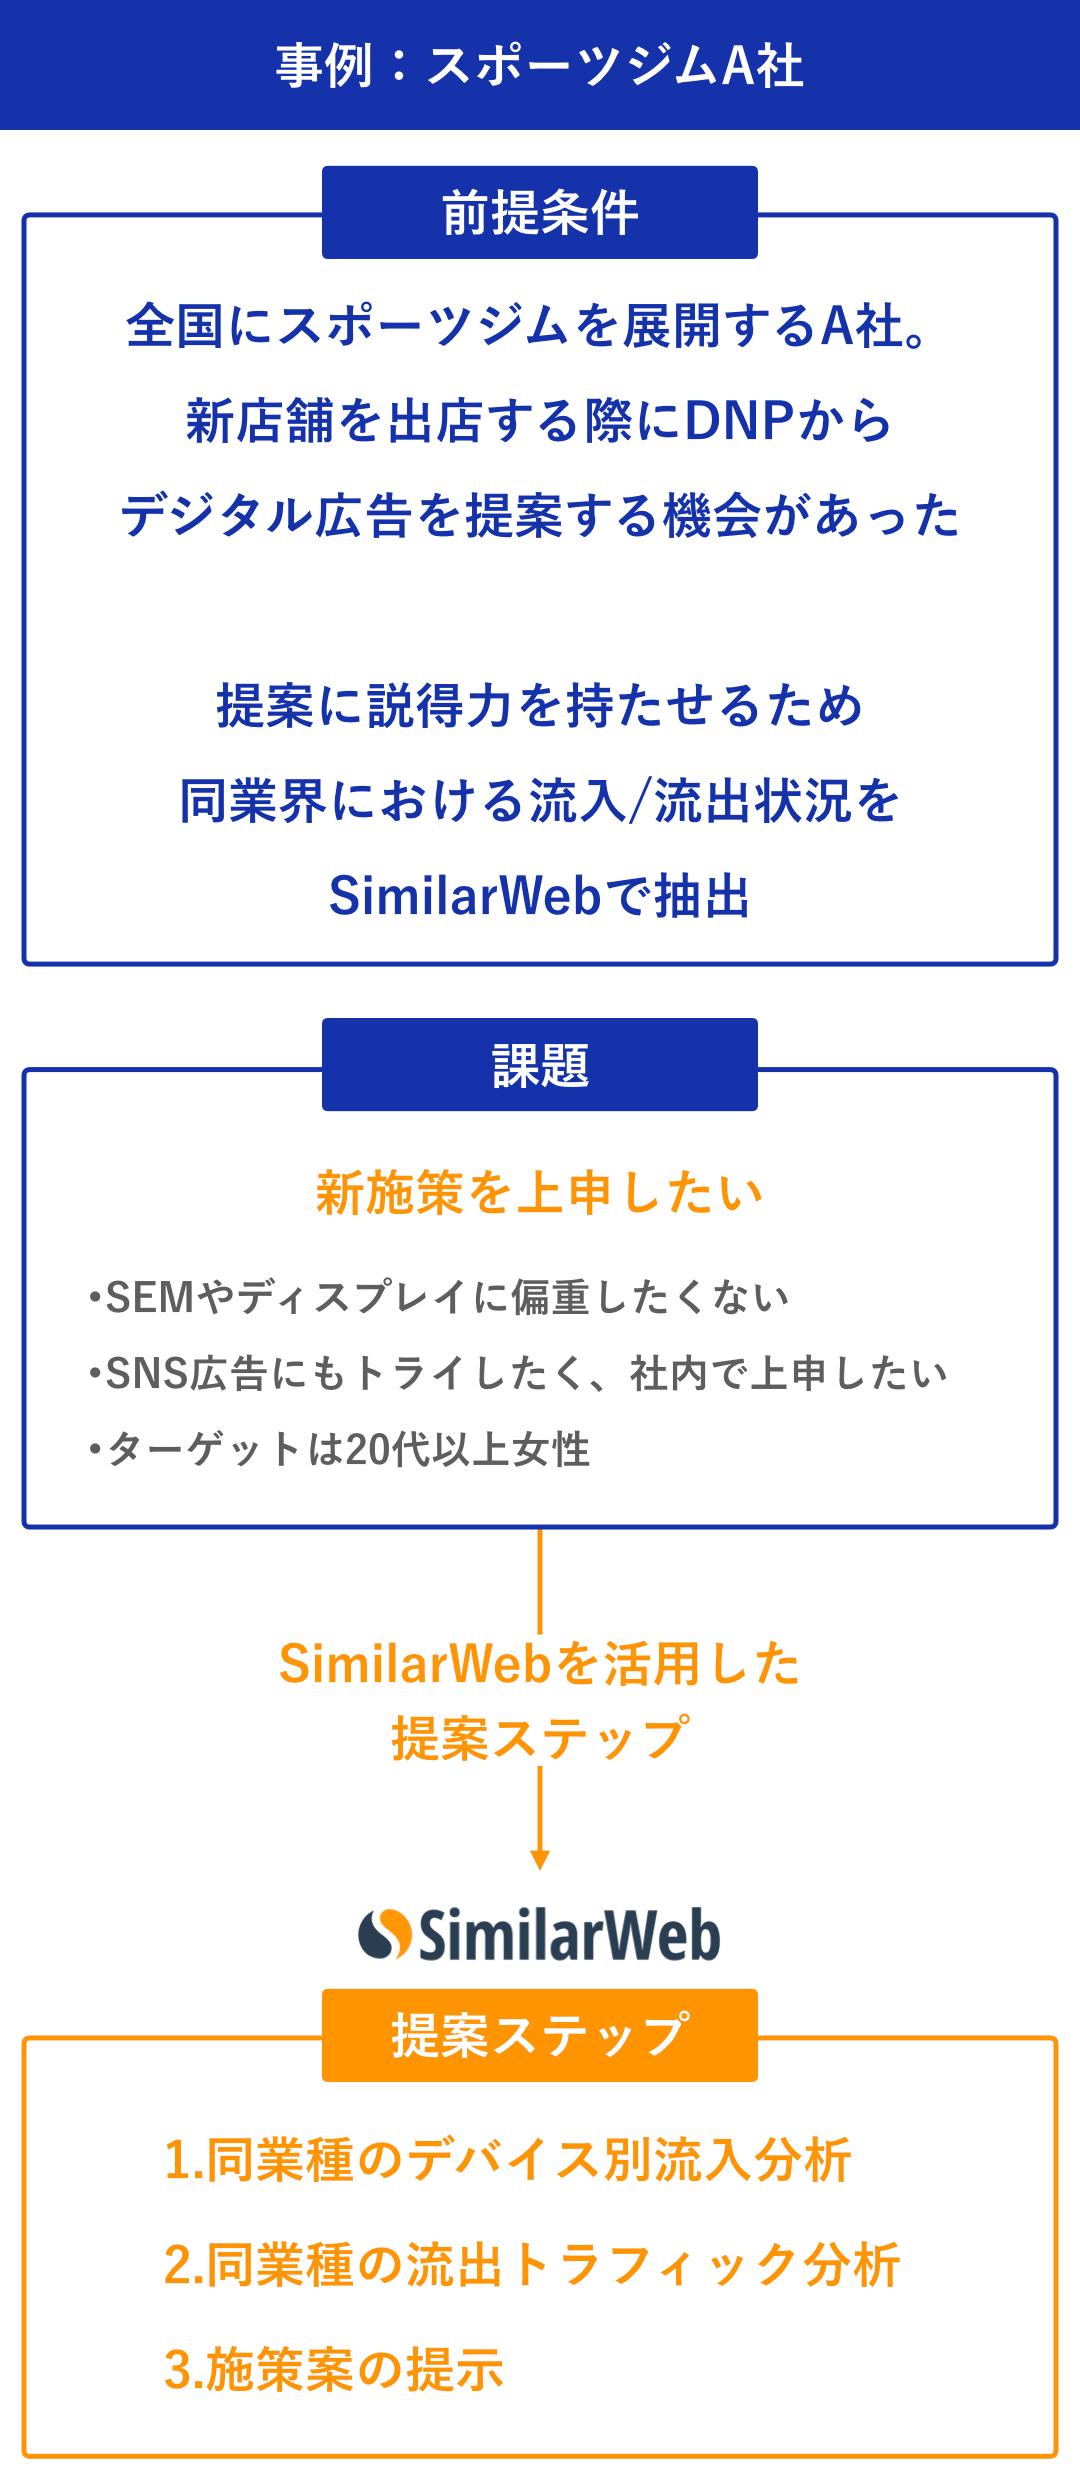 大日本印刷株式会社:加藤 綱貴 事例:スポーツジムA社